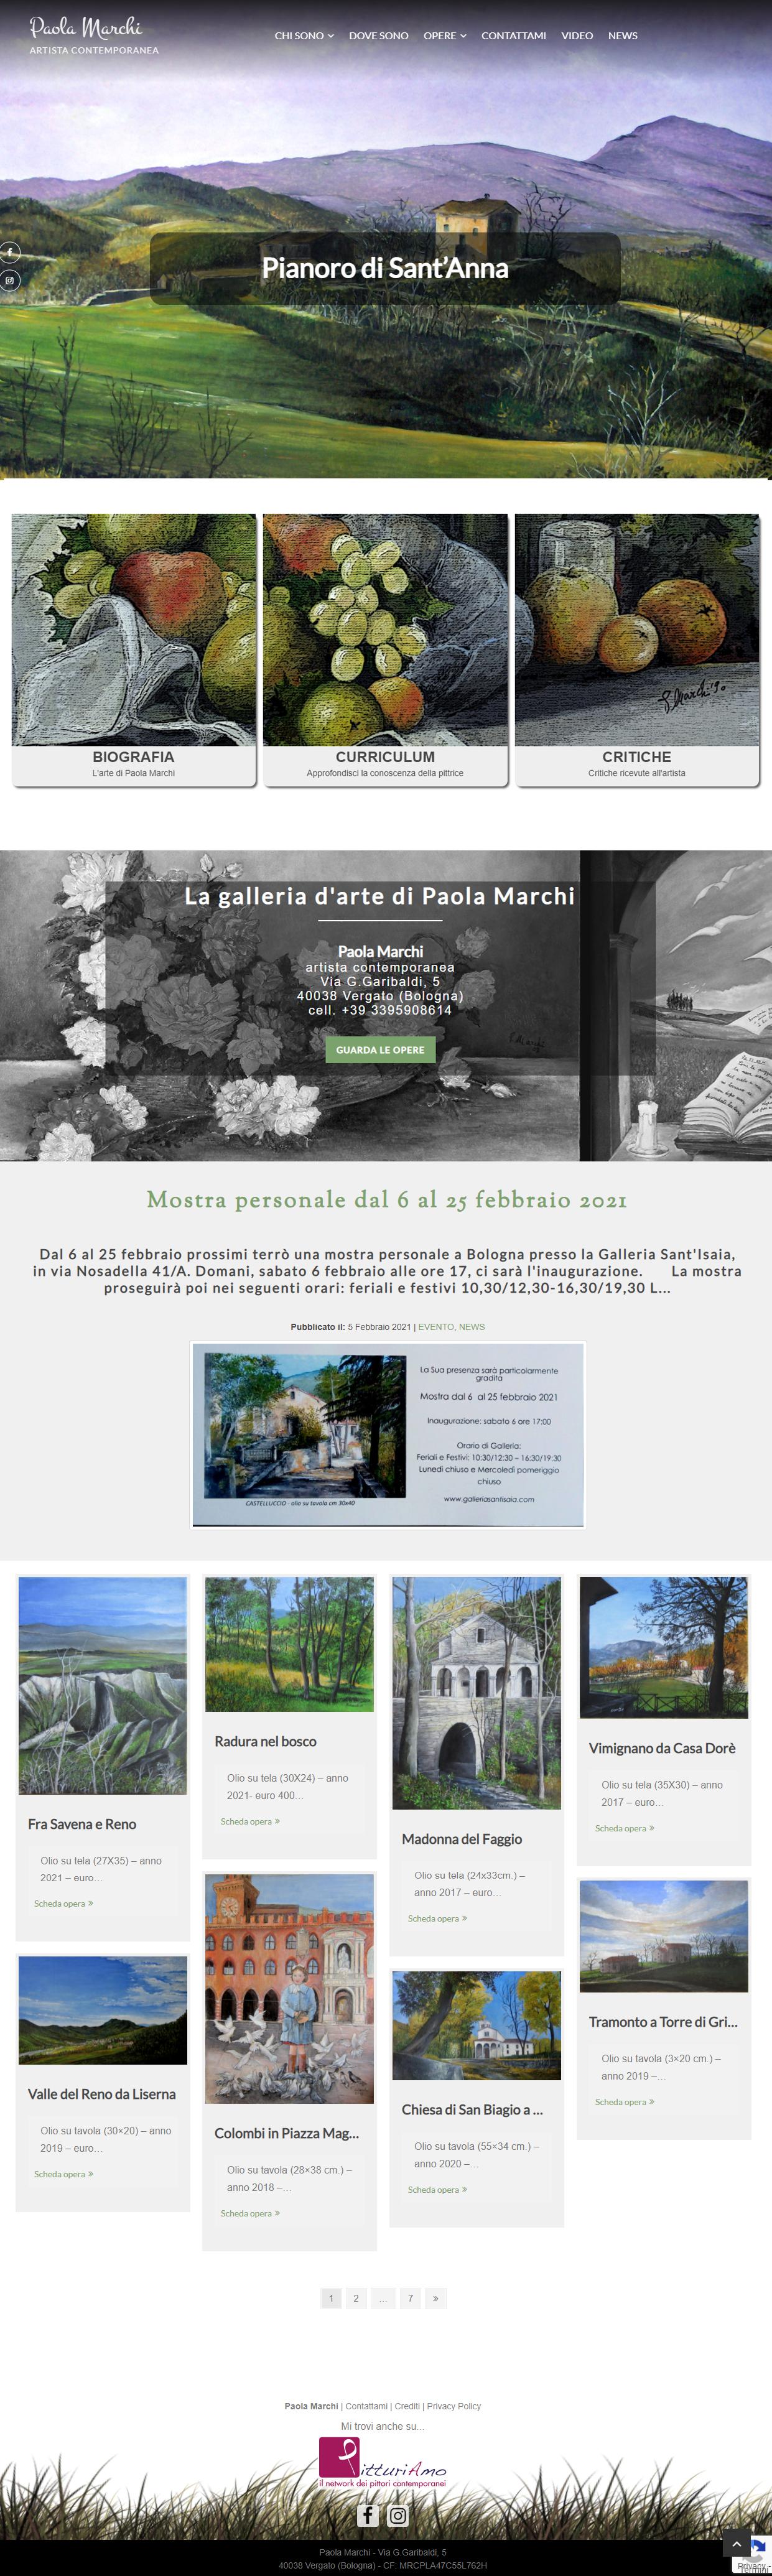 Il sito web dell'artista Paola Marchi - Homepage